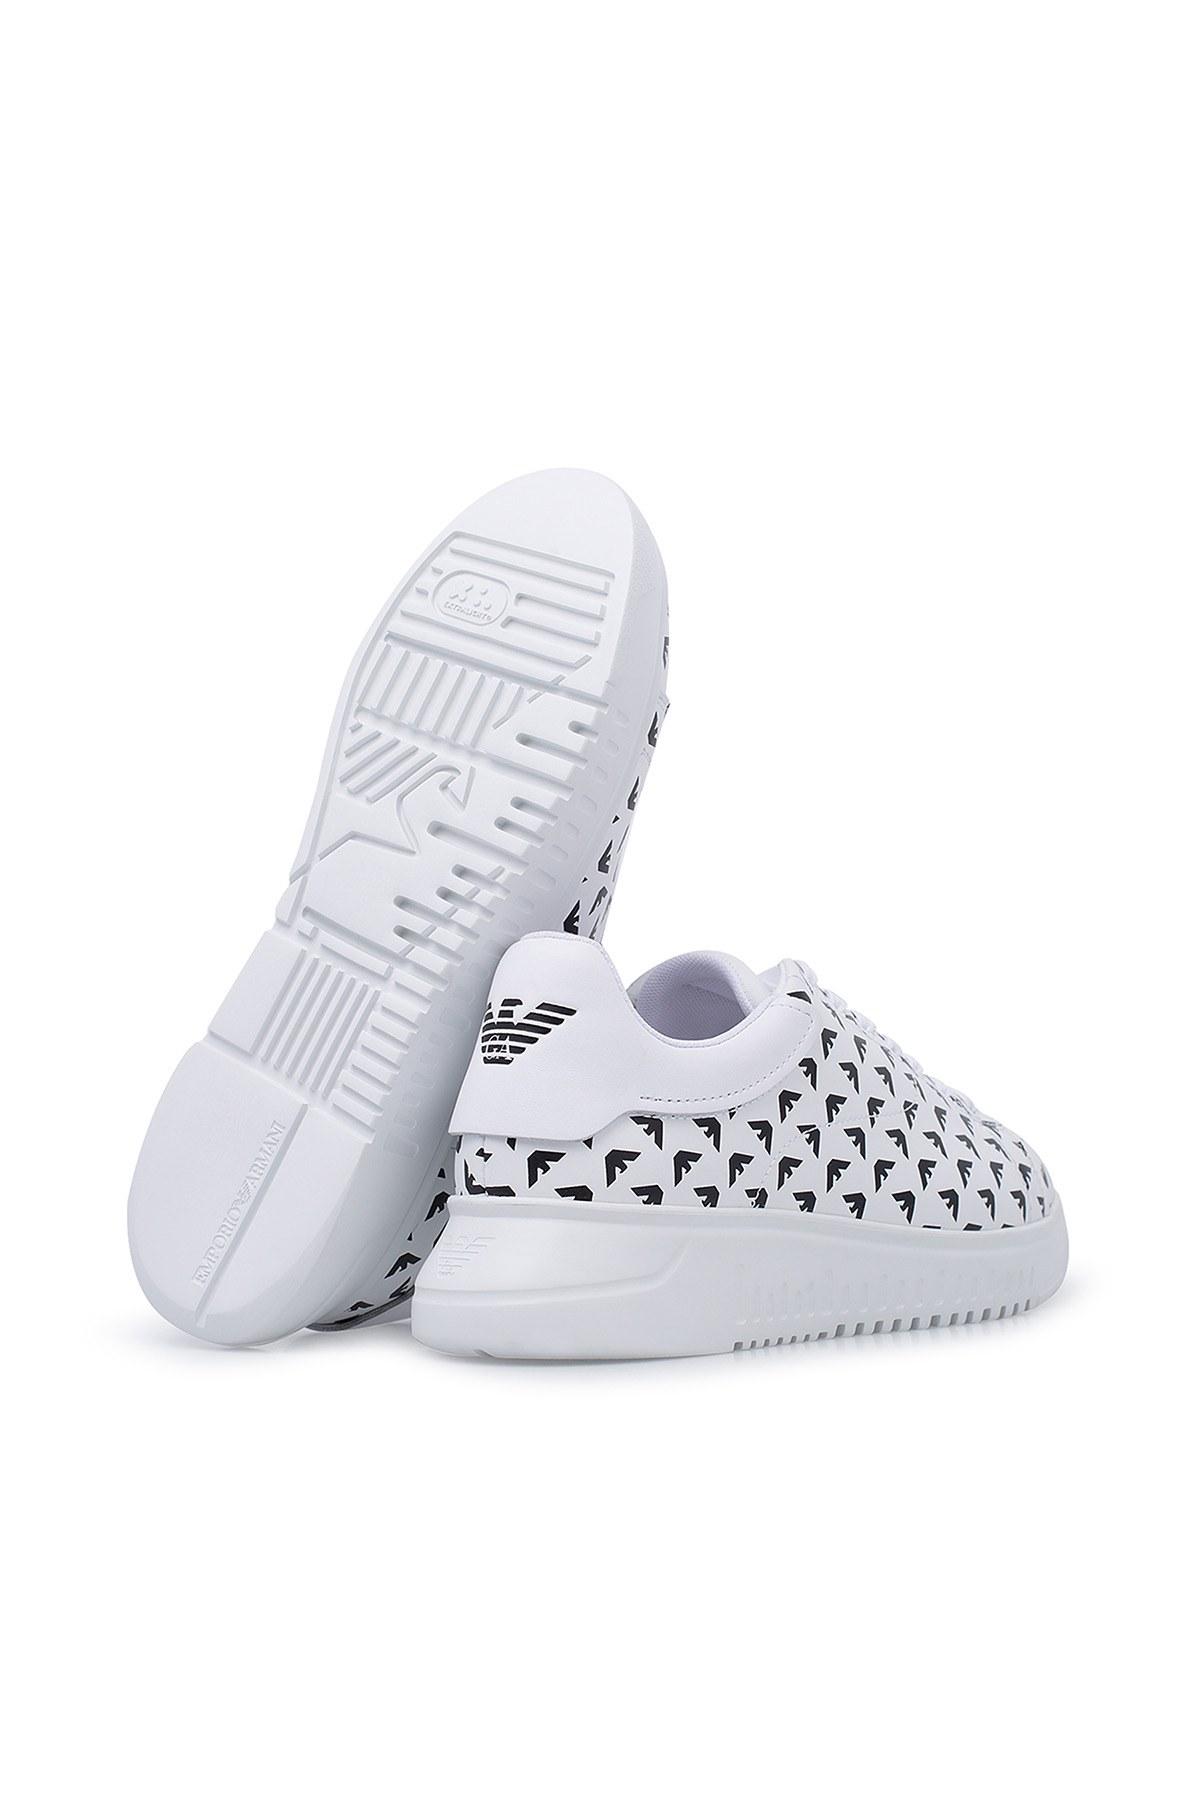 Emporio Armani Erkek Ayakkabı X4X264 XM235 C917 BEYAZ